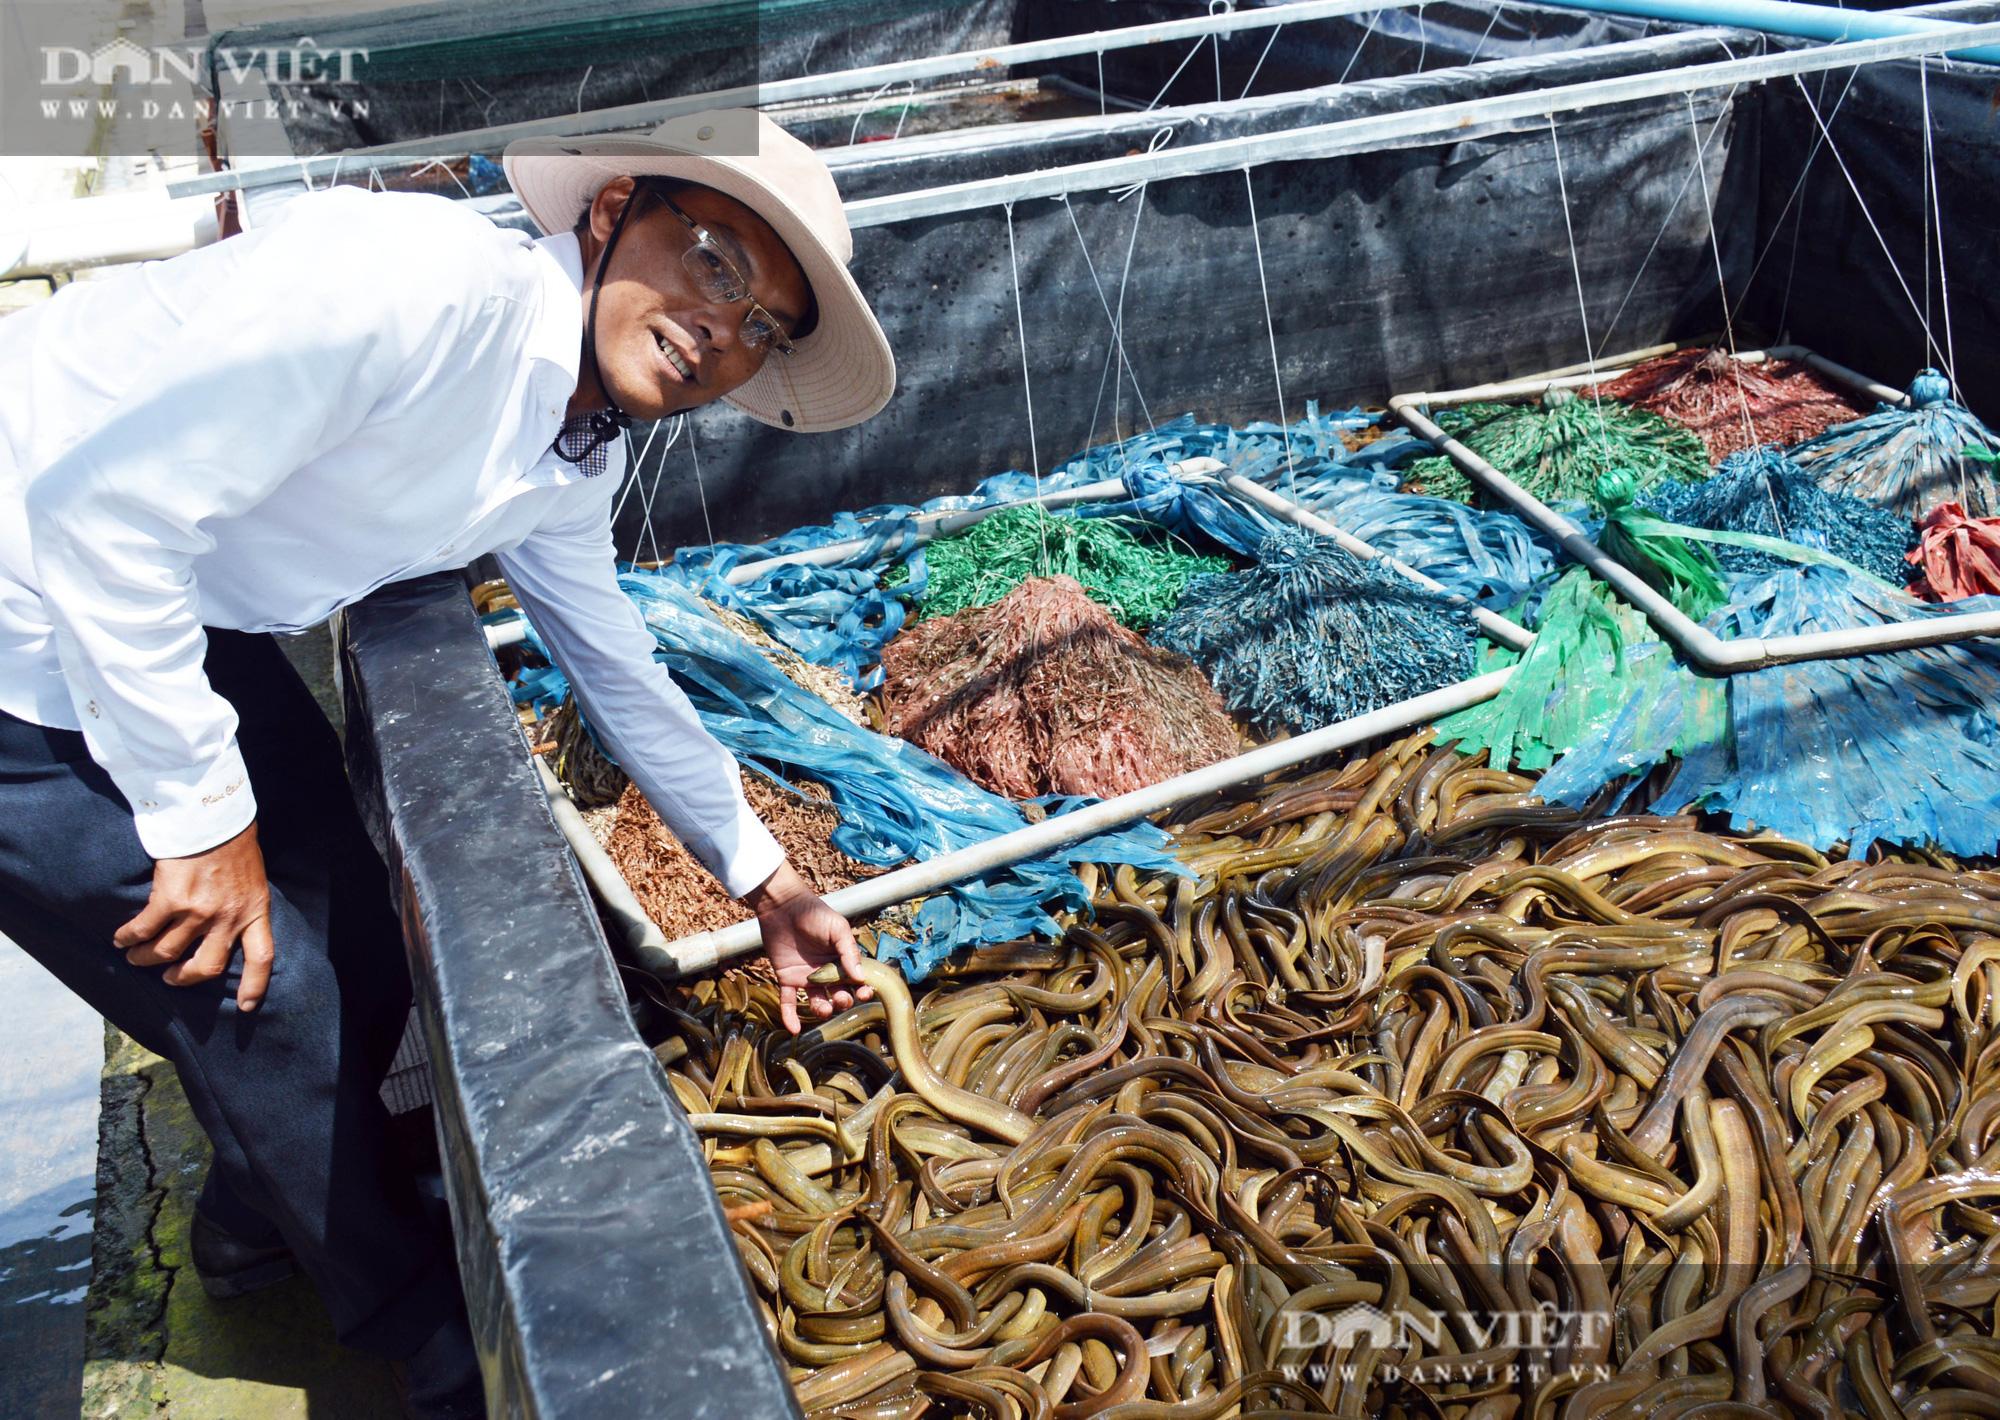 Bạc Liêu: Chàng kỹ sư bỏ công ty nước ngoài về làm nông dân nuôi 15 loài thủy sản - Ảnh 11.